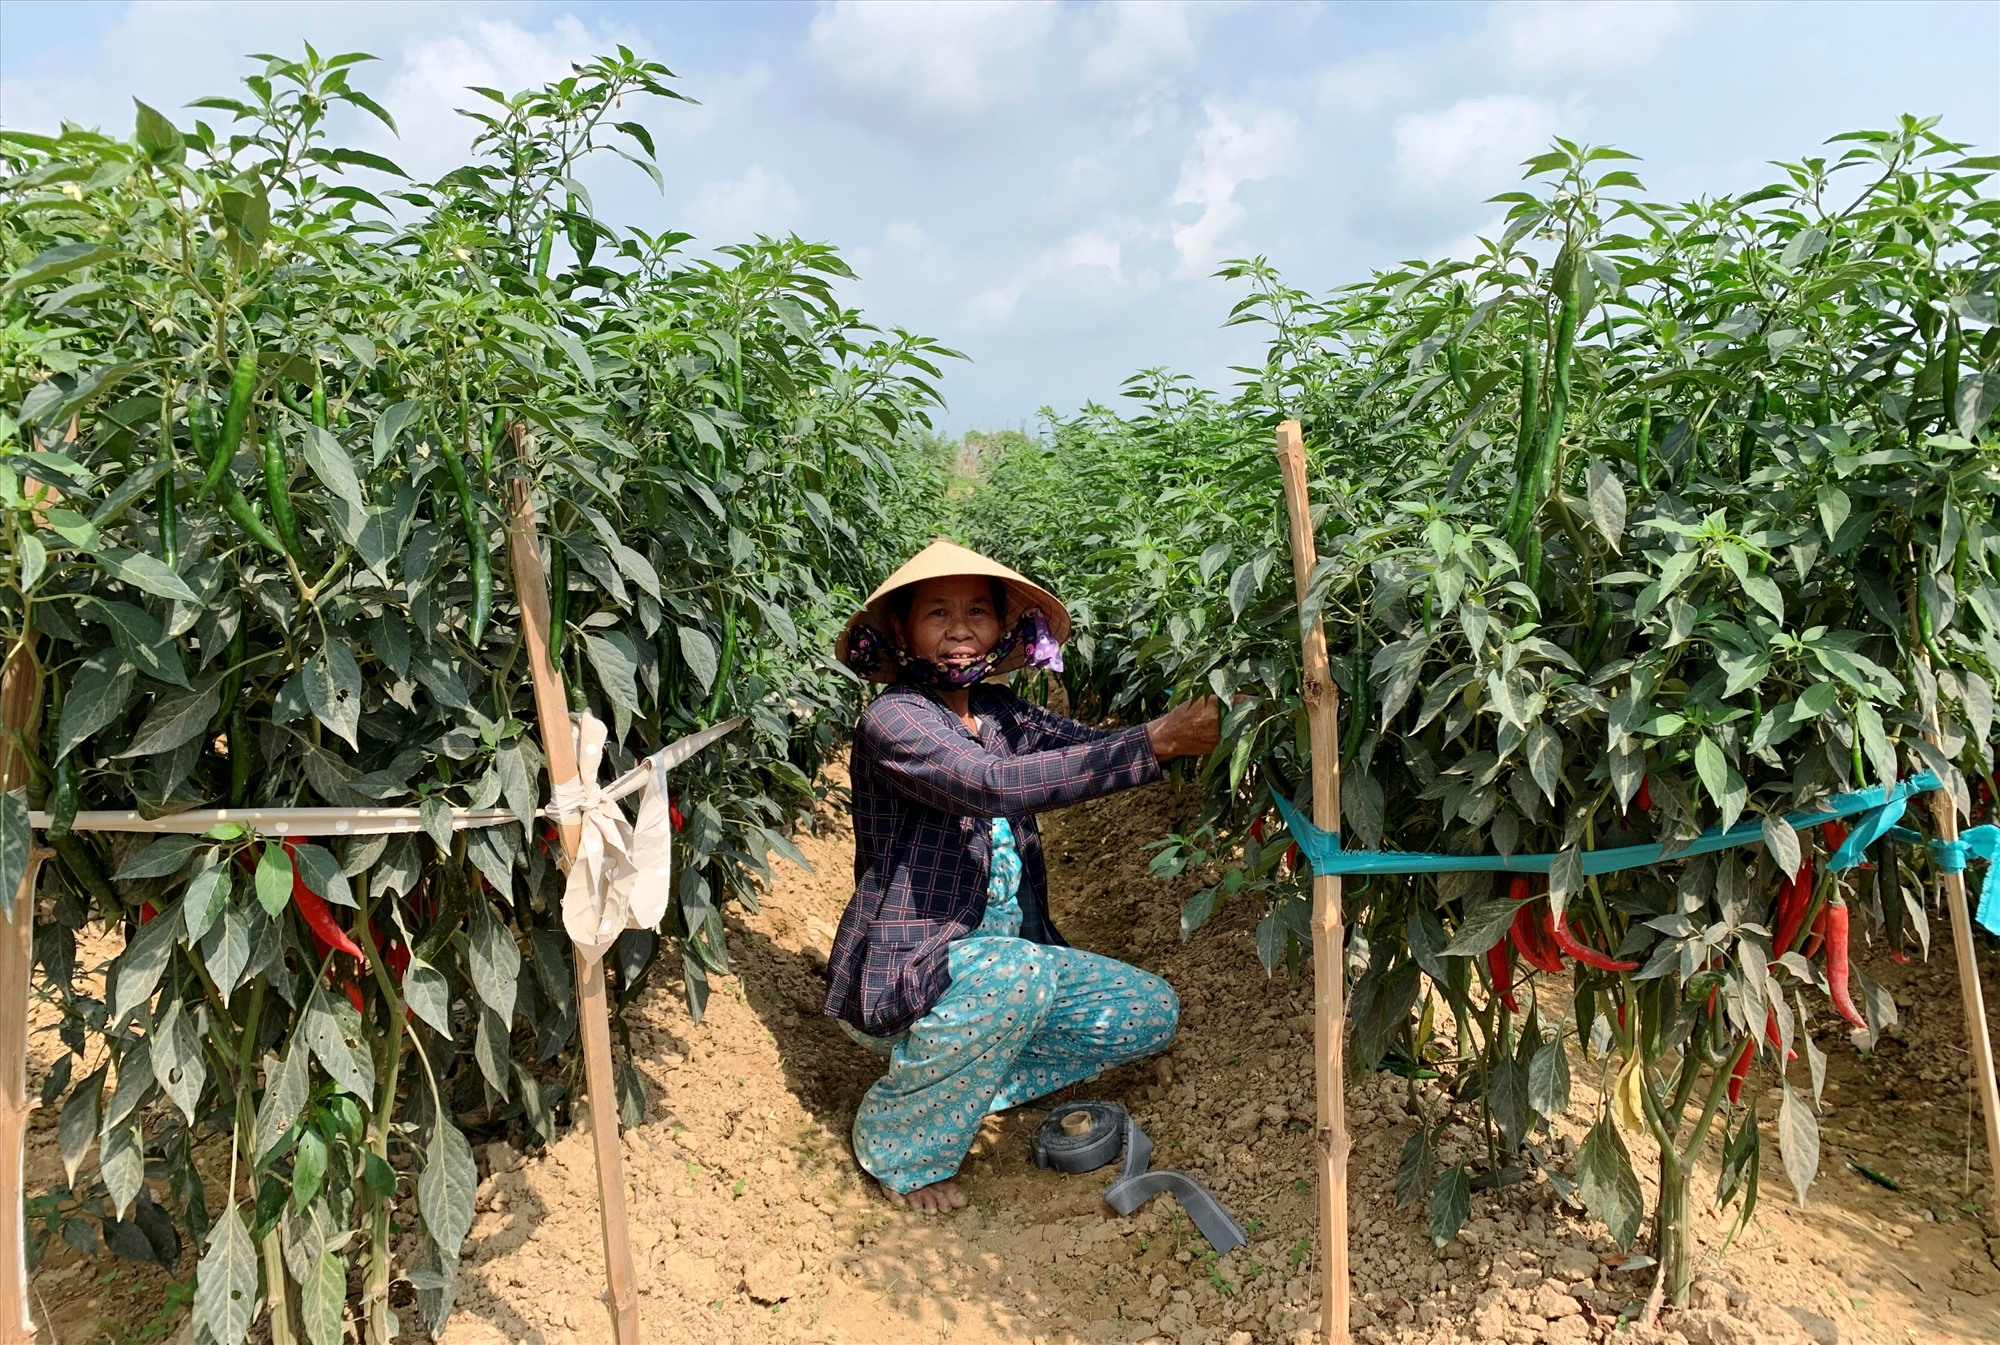 Mặc dù đầu ra sản phẩm rất khó khăn nhưng nhiều gia đình vẫn chăm bón ruộng ớt để hái quả ở những đợt tiếp theo.   Ảnh: T.S